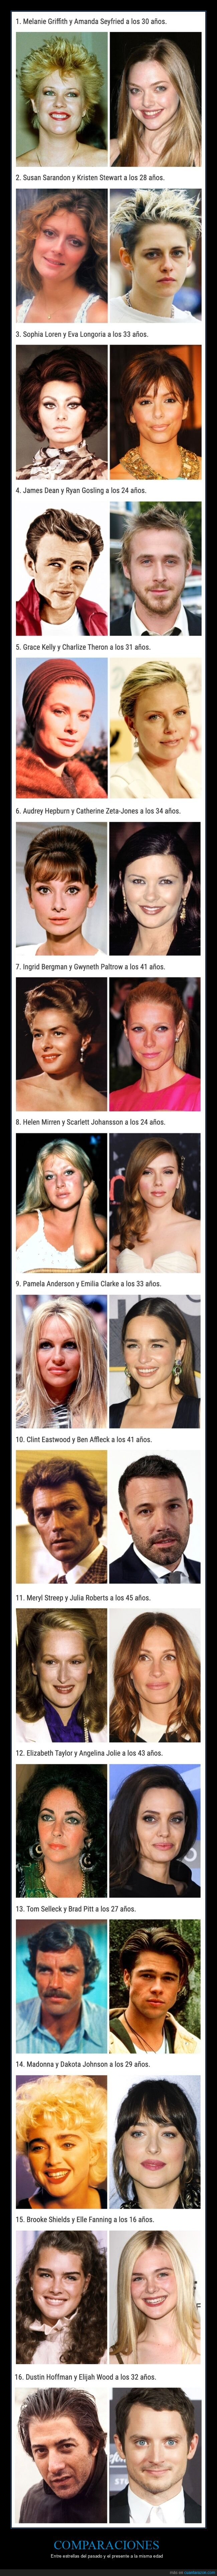 comparaciones,edad,famosos,pasado,presente